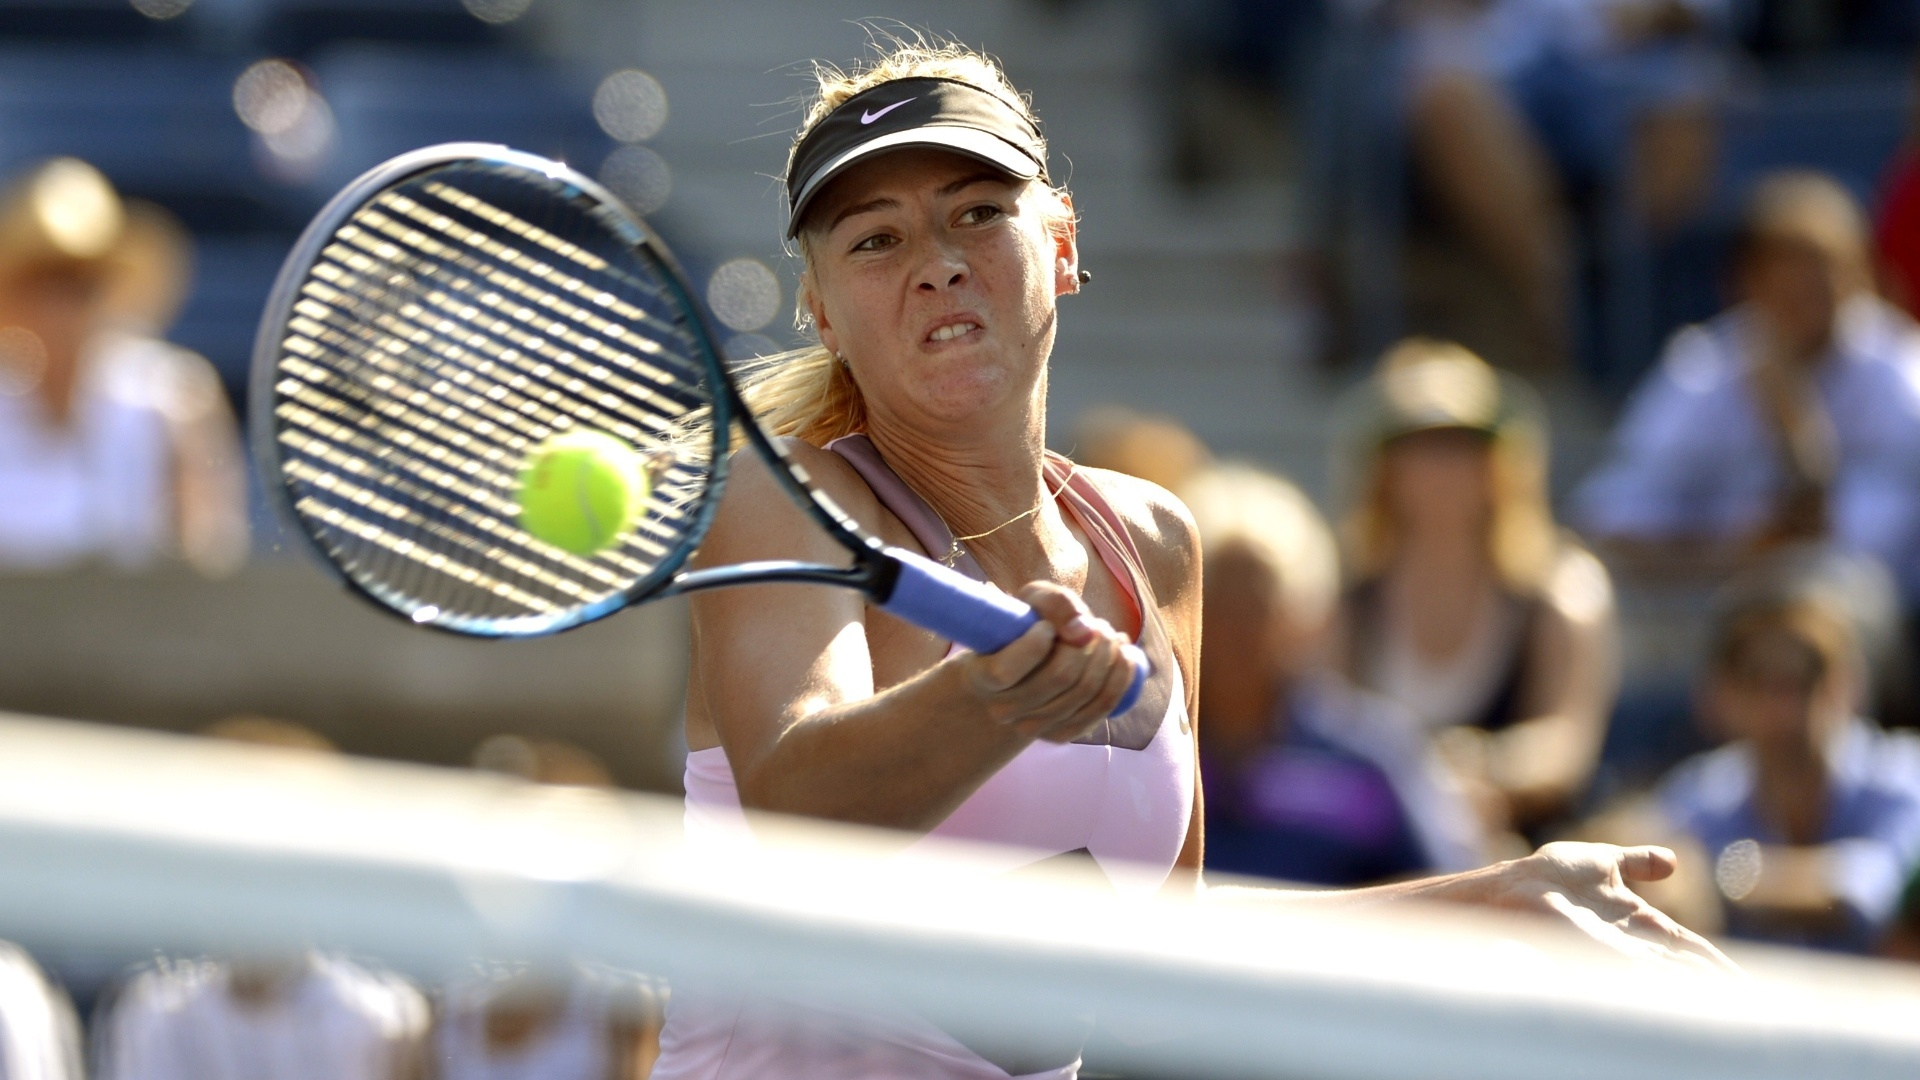 Maria Sharapova sobe à rede para definir ponto durante a partida contra Mallory Burdette pela terceira rodada do Aberto dos EUA